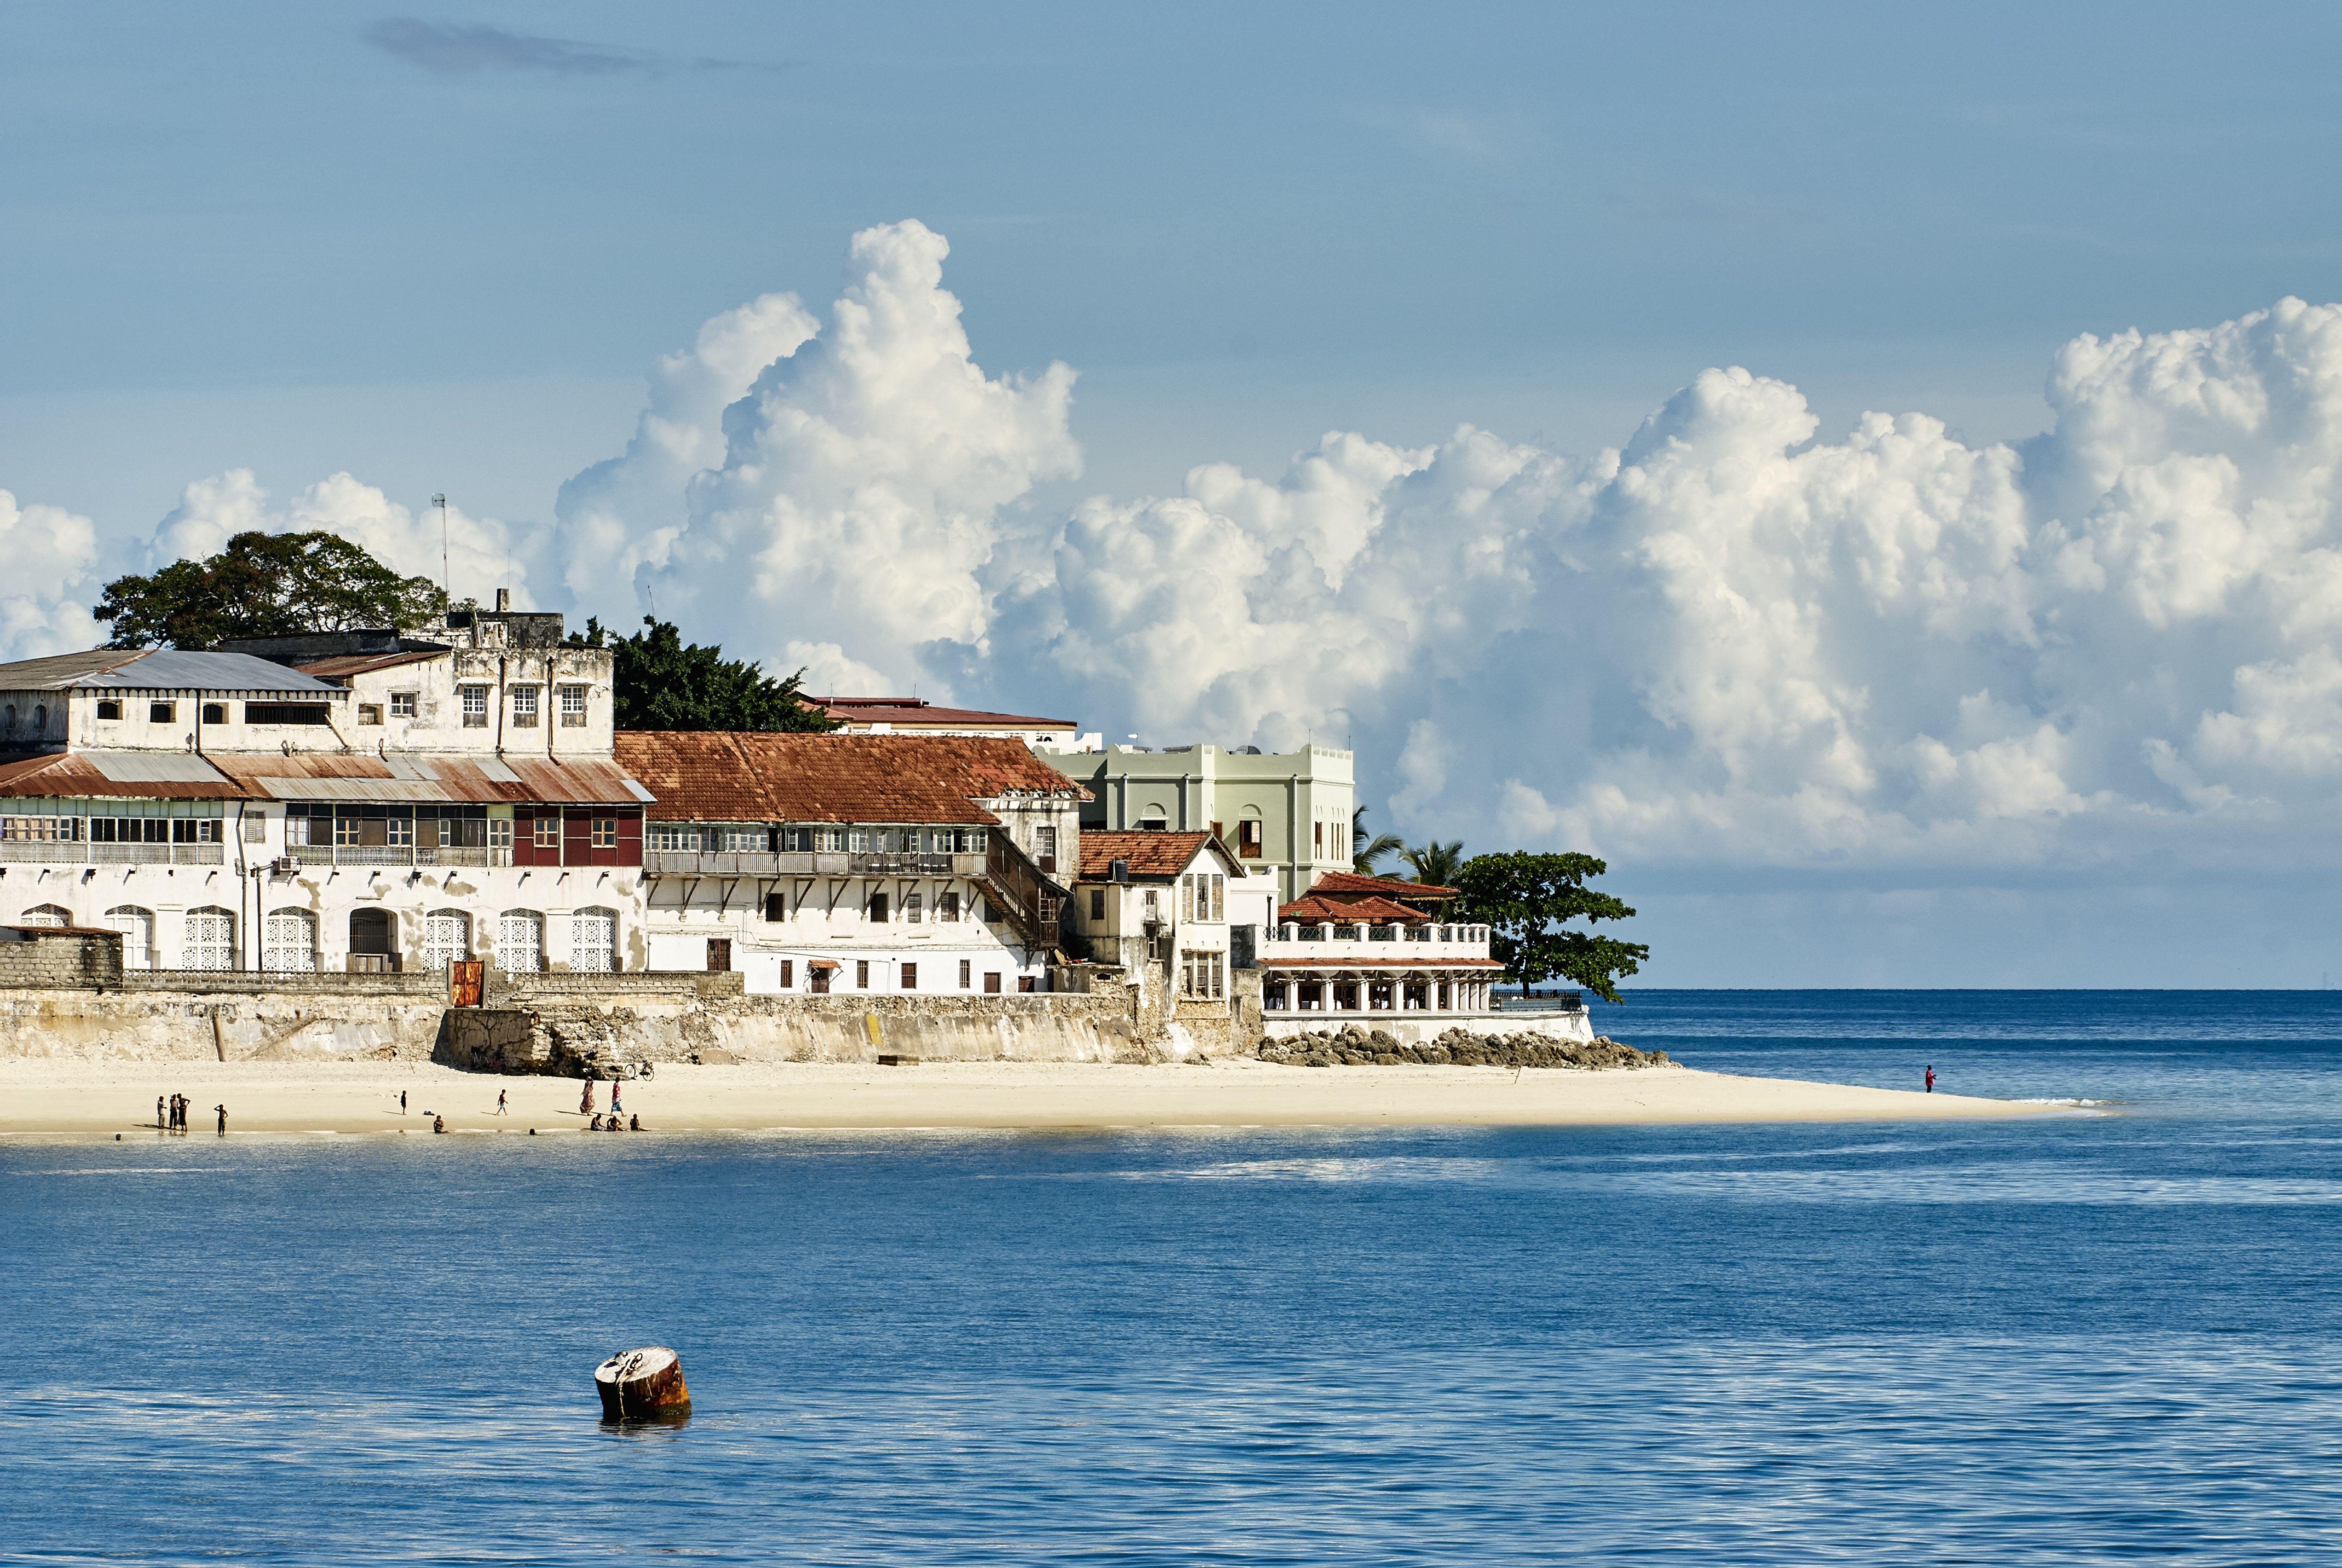 Edificio frente al mar en la playa, ciudad de Zanzíbar, Zanzíbar urbano, Tanzania, África